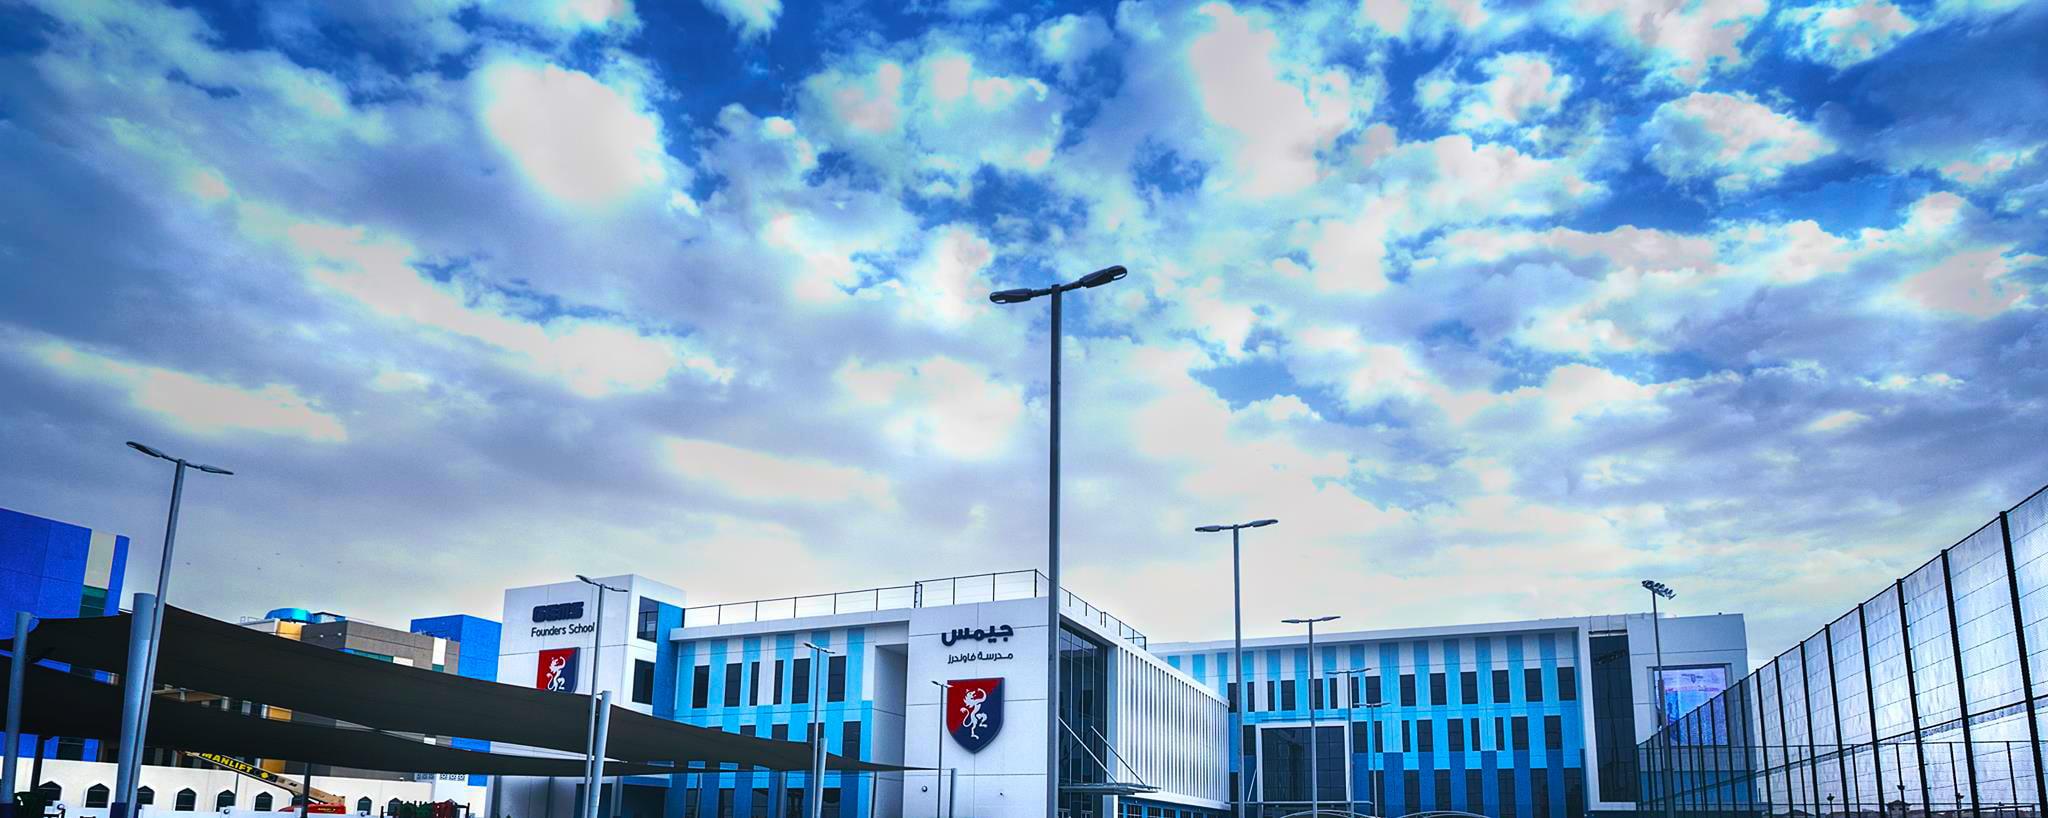 Bild der GEMS Founders School in AAl Barsha Dubai mit den Gebäuden und dem Haupteingang